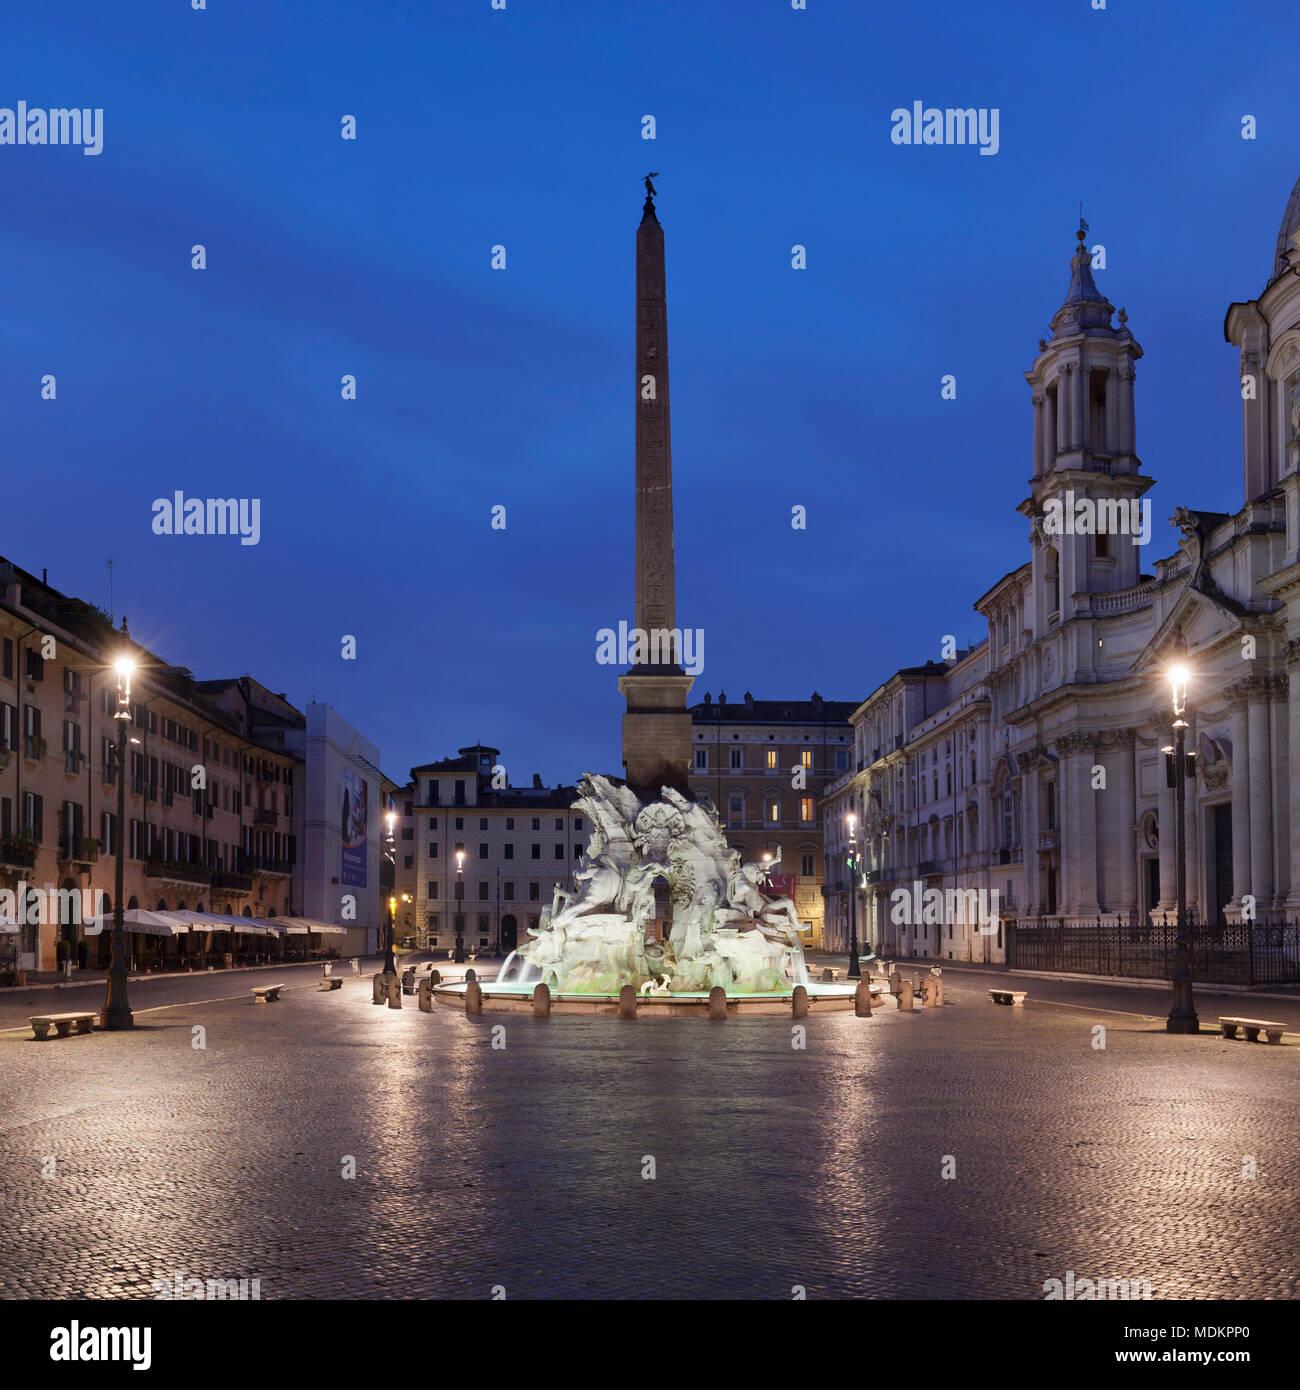 Fontana dei Quattro Fiumi, Four Stream Fountain, Piazza Navona, Rome, Lazio, Italy - Stock Image